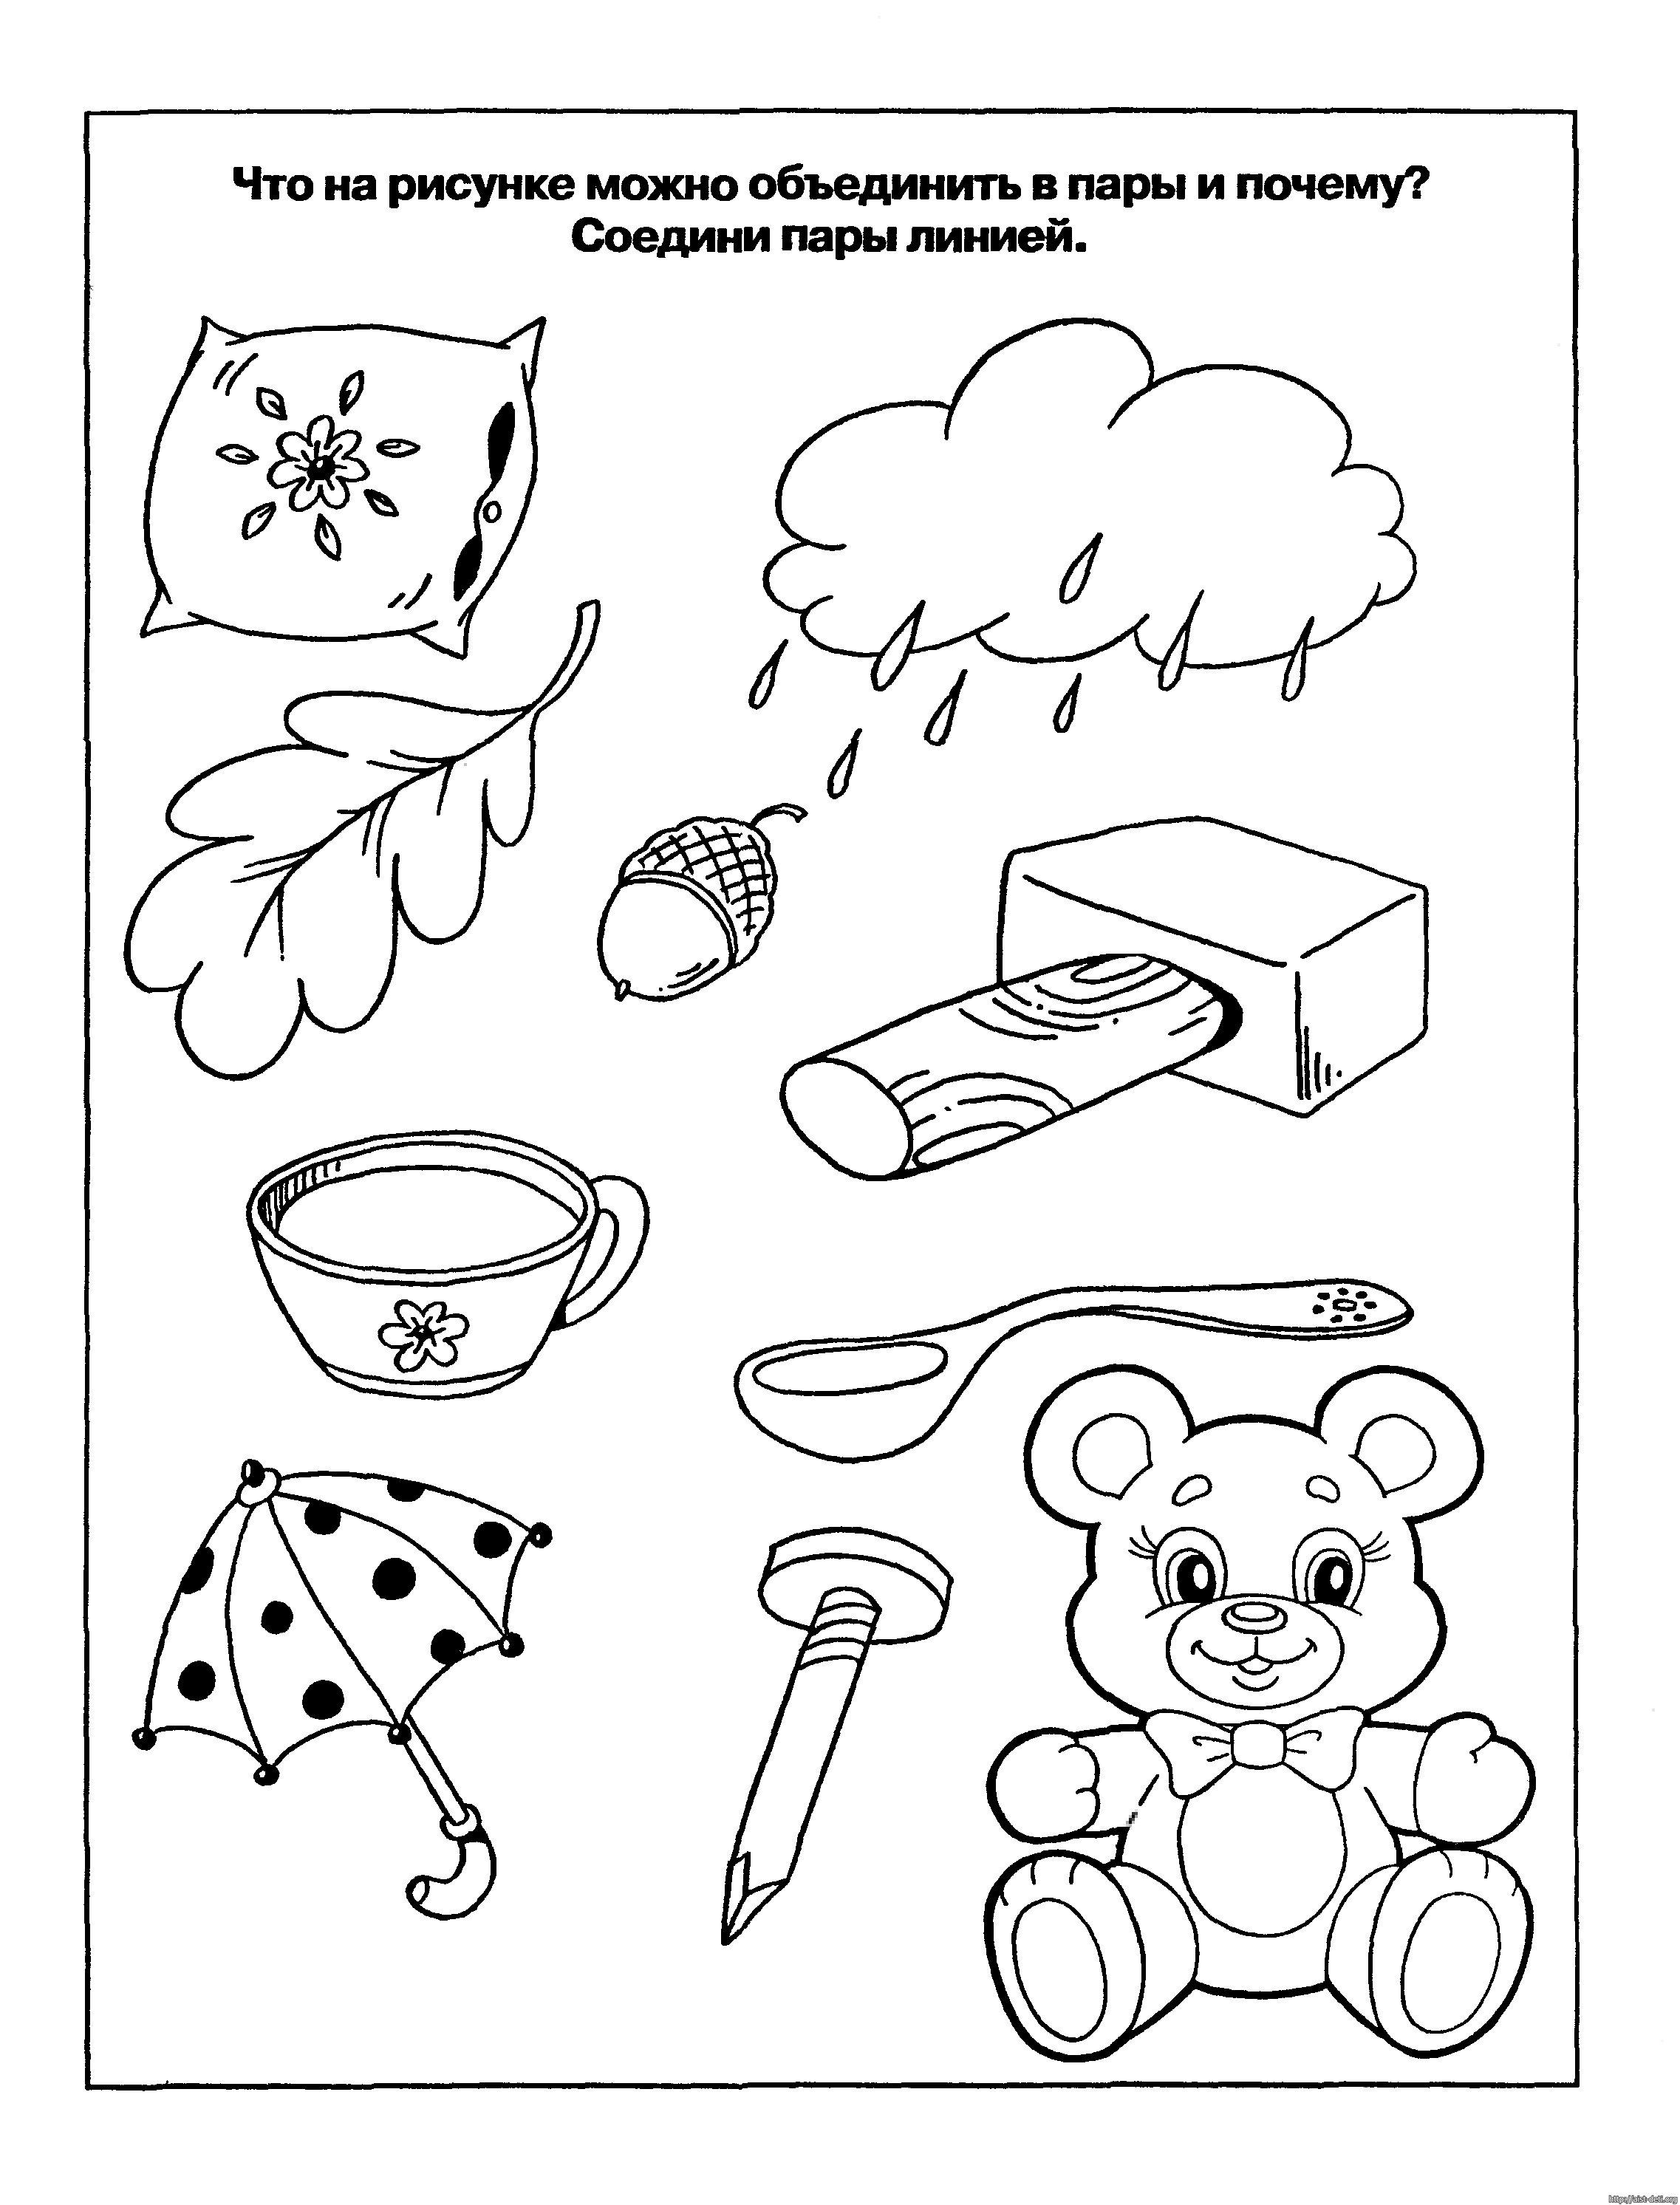 Раскраска игра для детей 3 лет